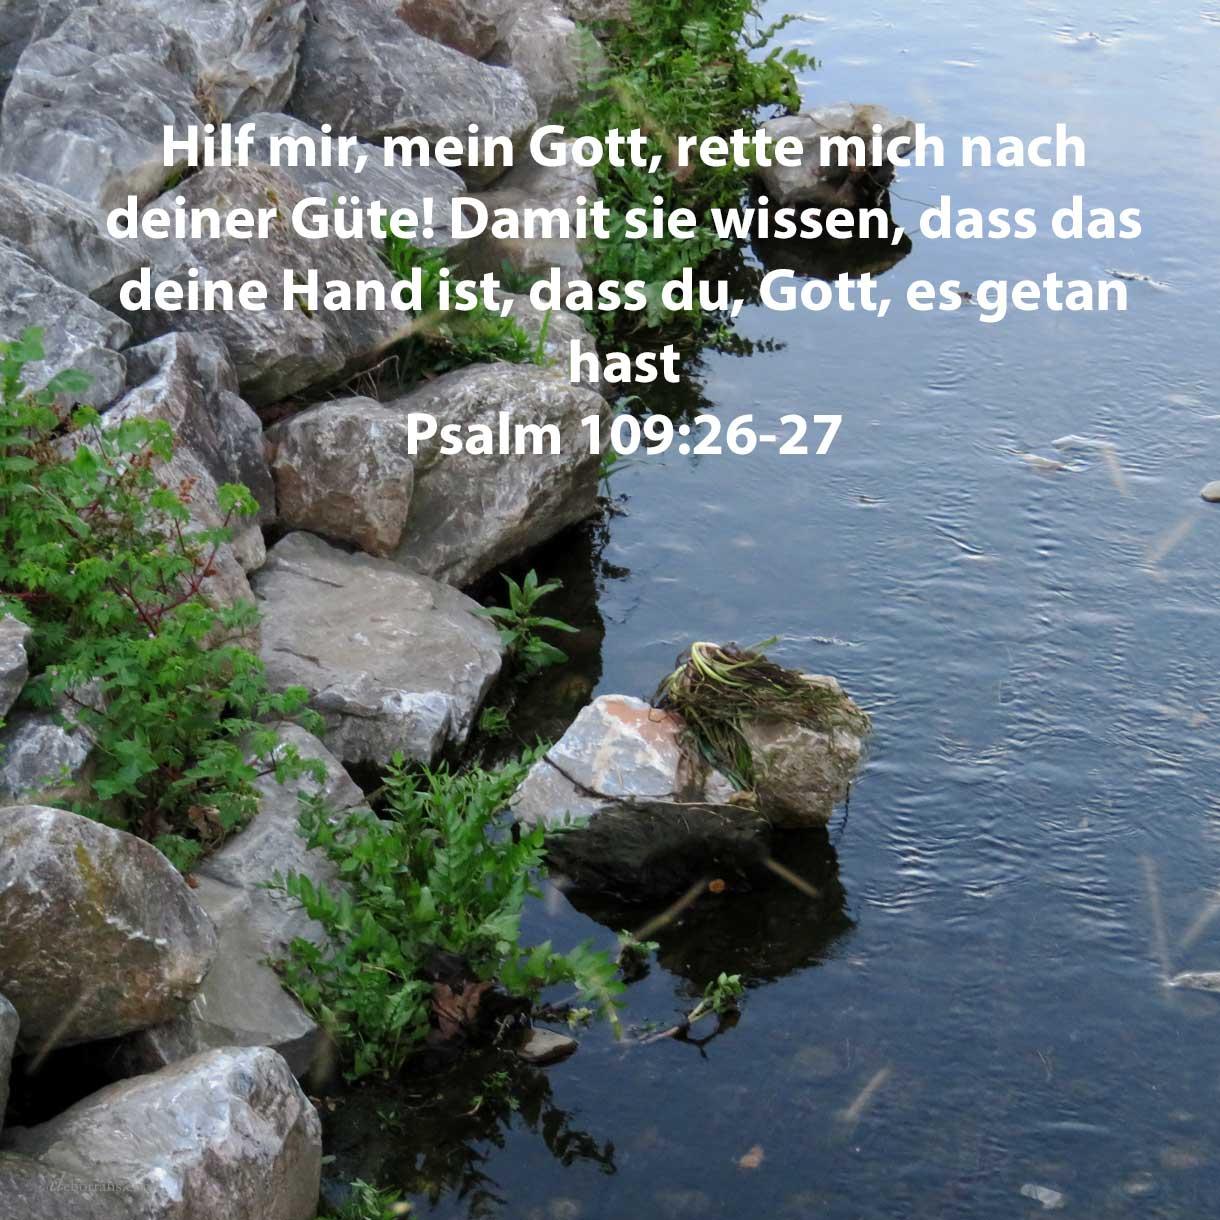 Hilf mir, Jehova, mein Gott! rette mich nach deiner Güte! Damit sie wissen, dass dies deine Hand ist, dass du, Jehova, es getan hast ( Psalm 109:26-27 )